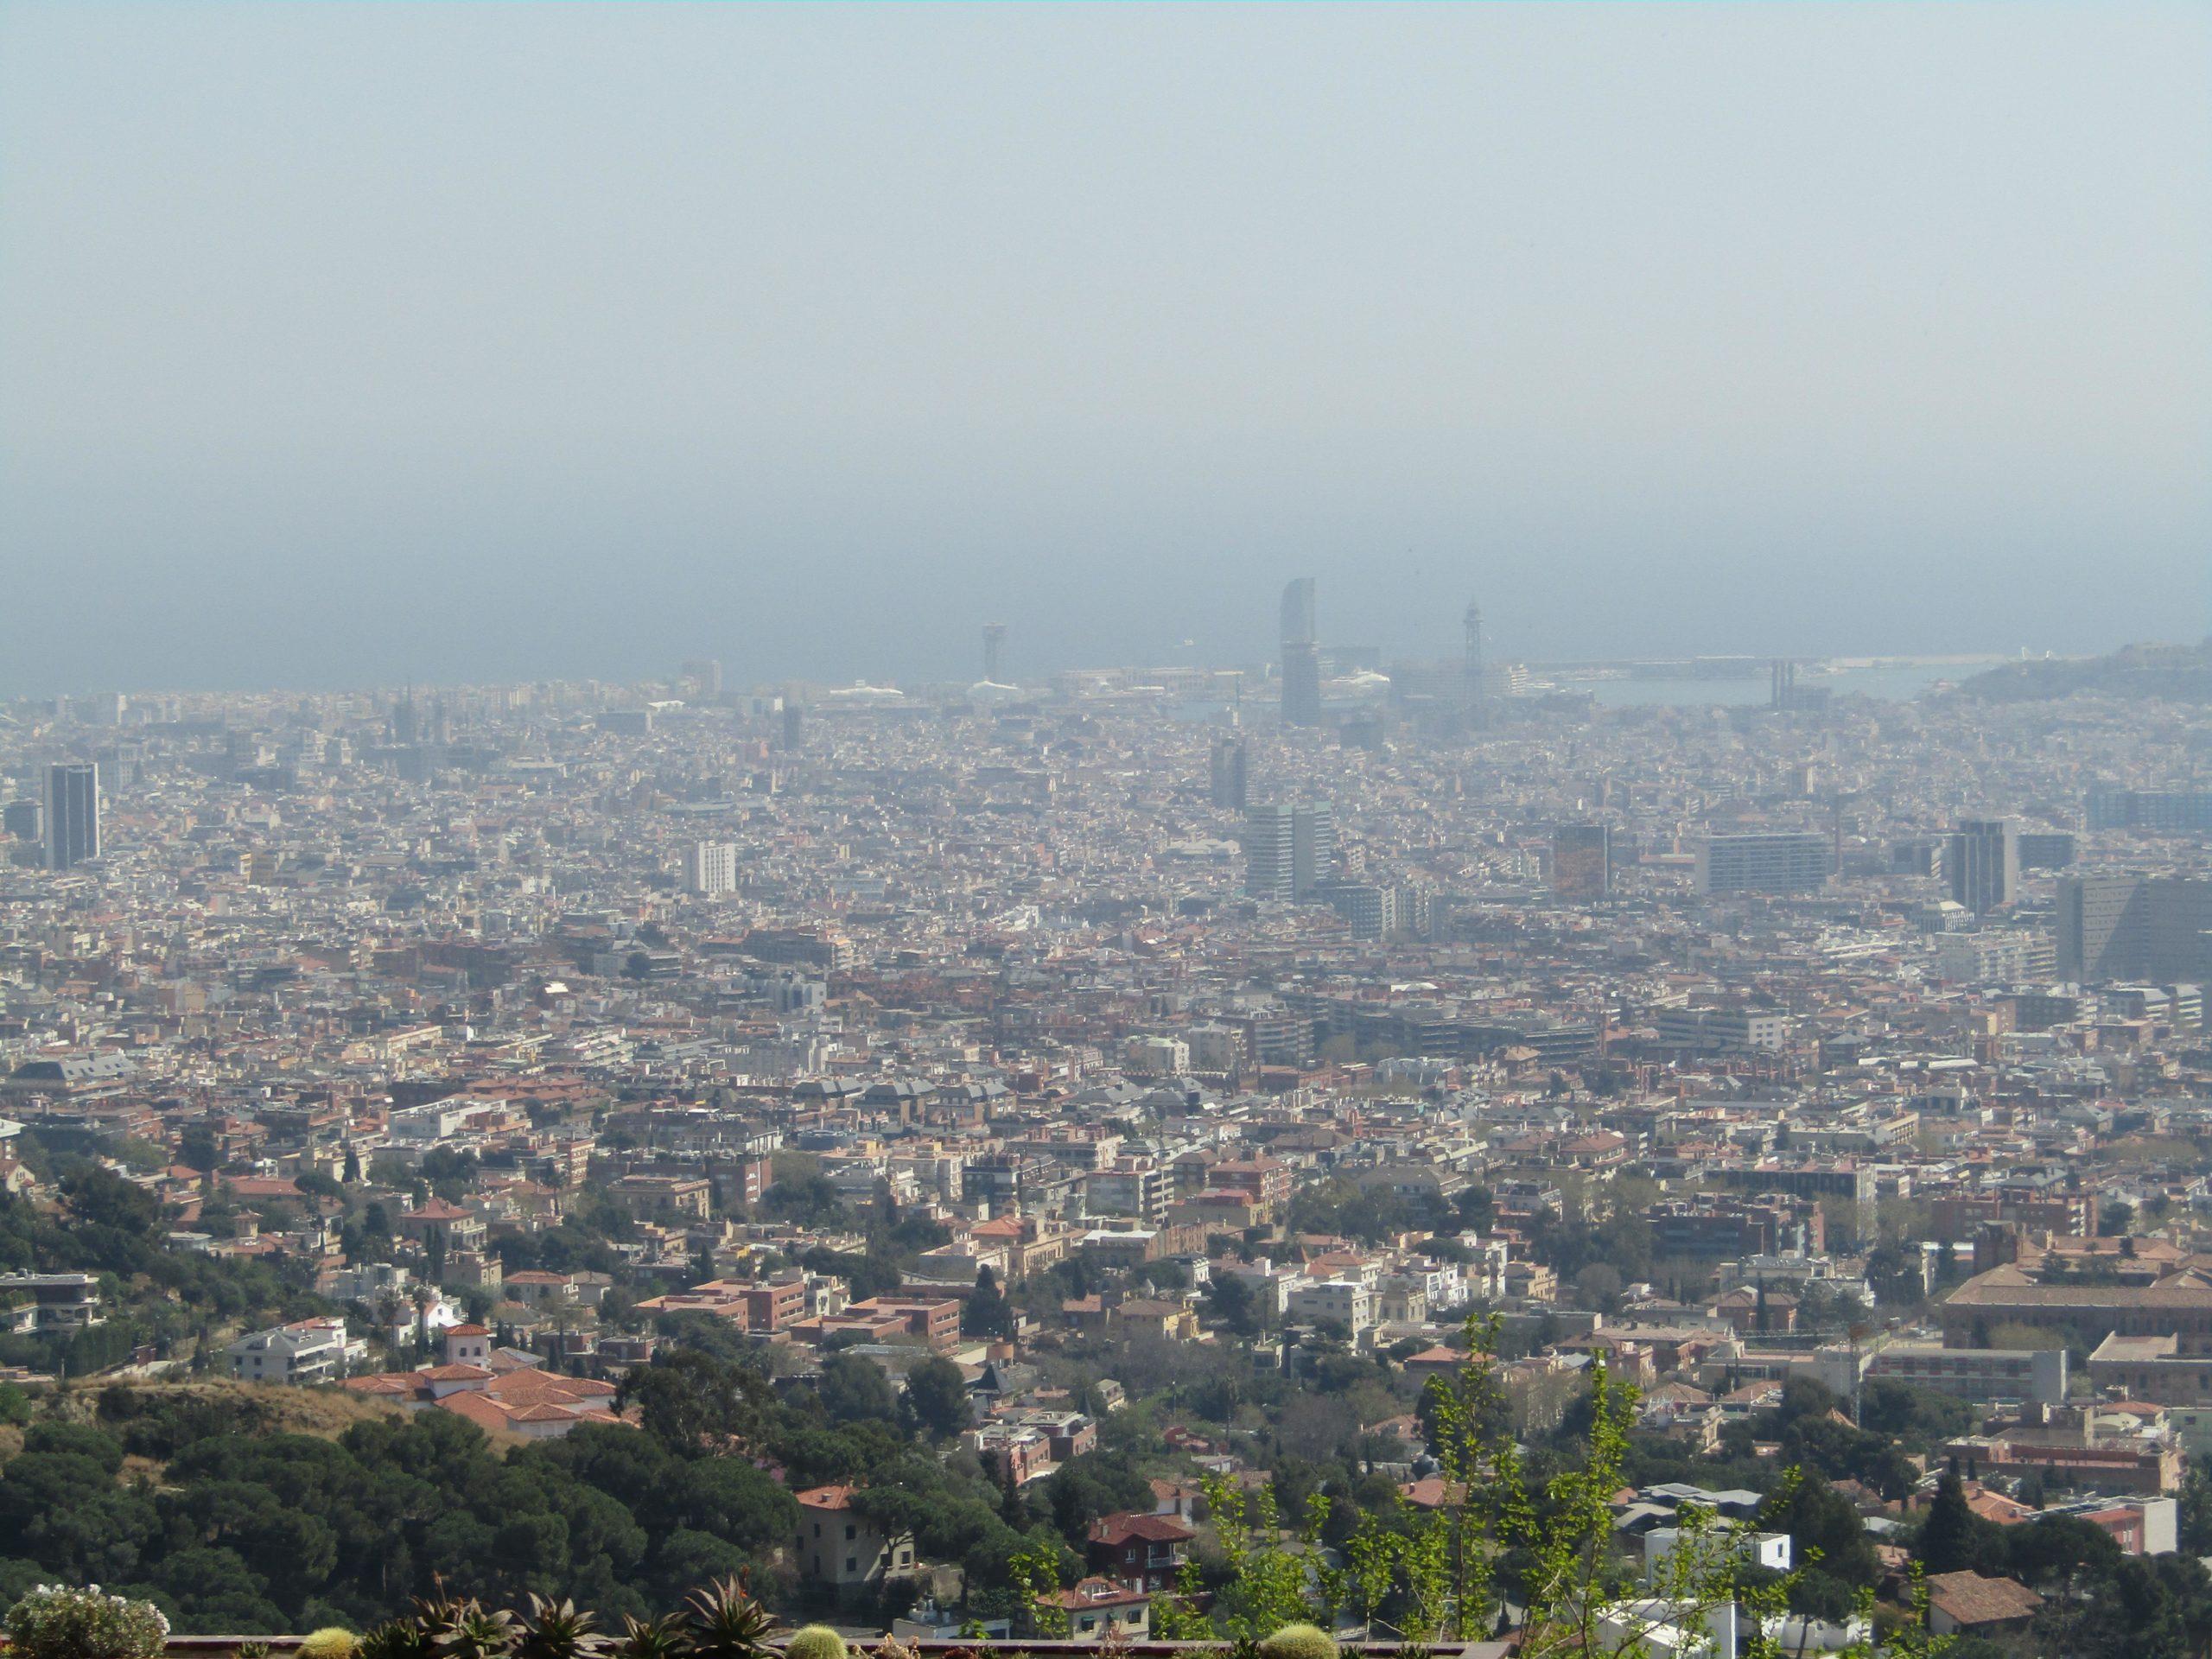 Contaminació a Barcelona, aquest març, vista des de Vallvidrera / Meritxell M. Pauné